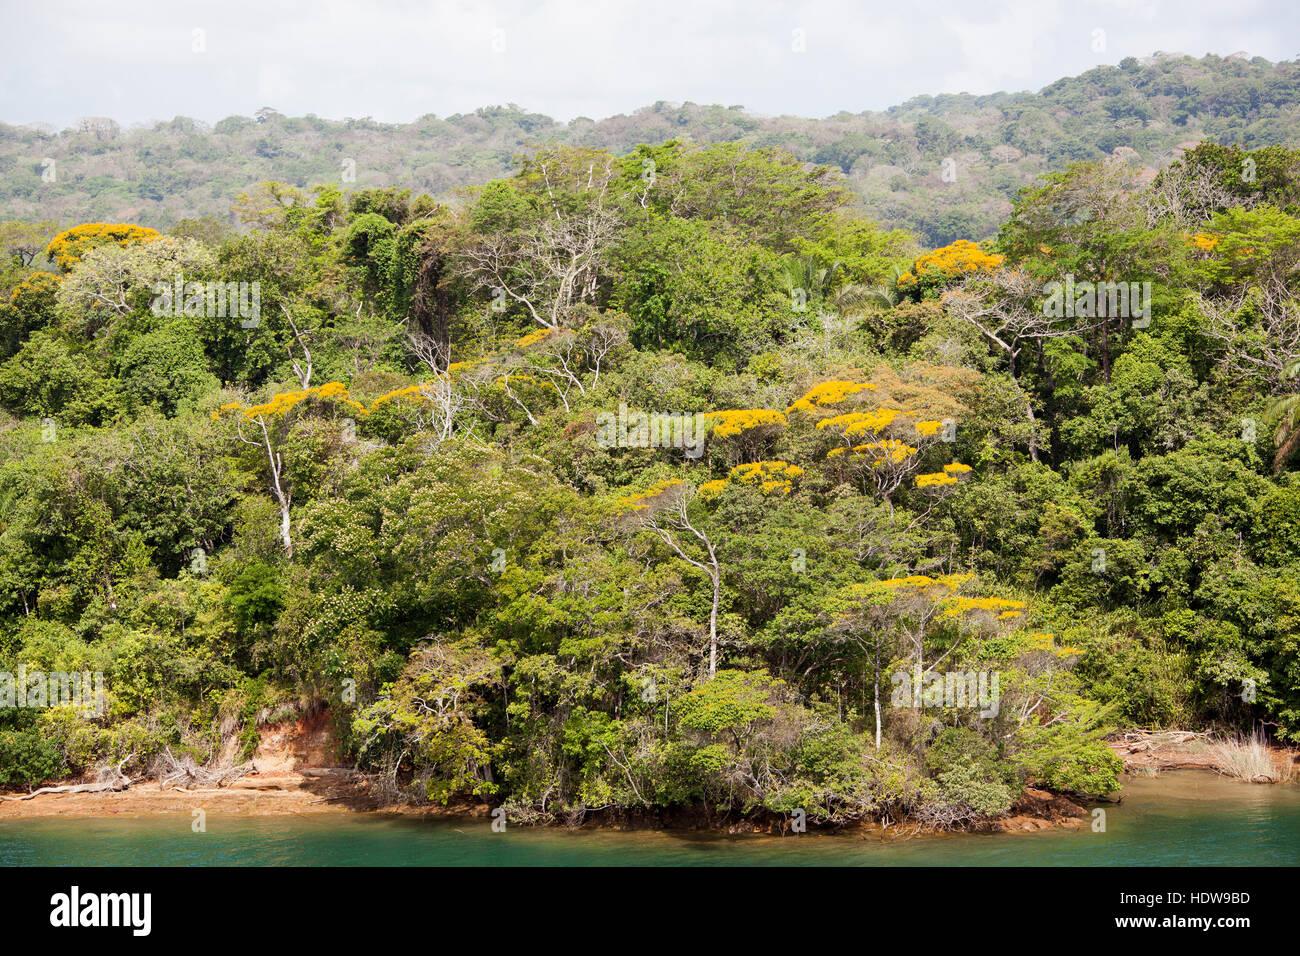 La vista della giungla su una riva del canal (Panama). Immagini Stock